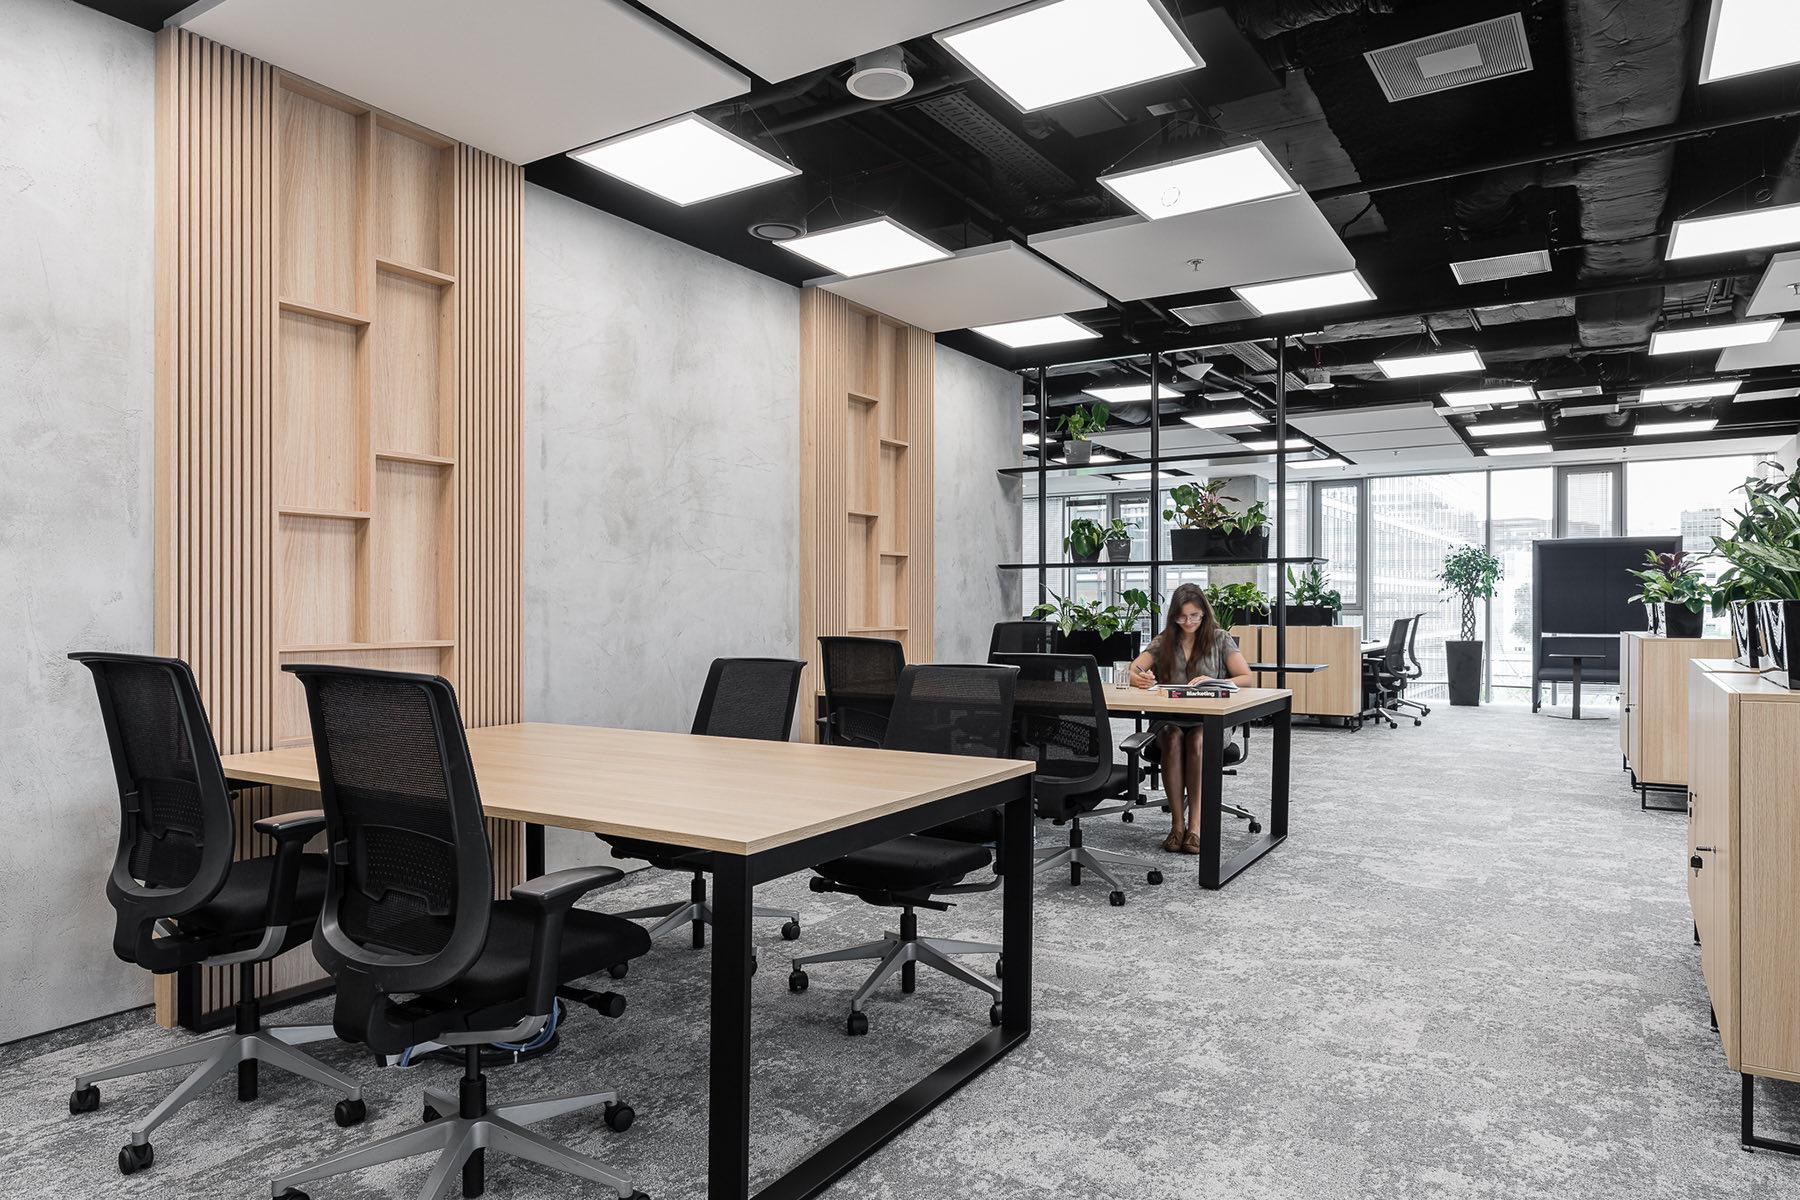 chep-polska-office-17